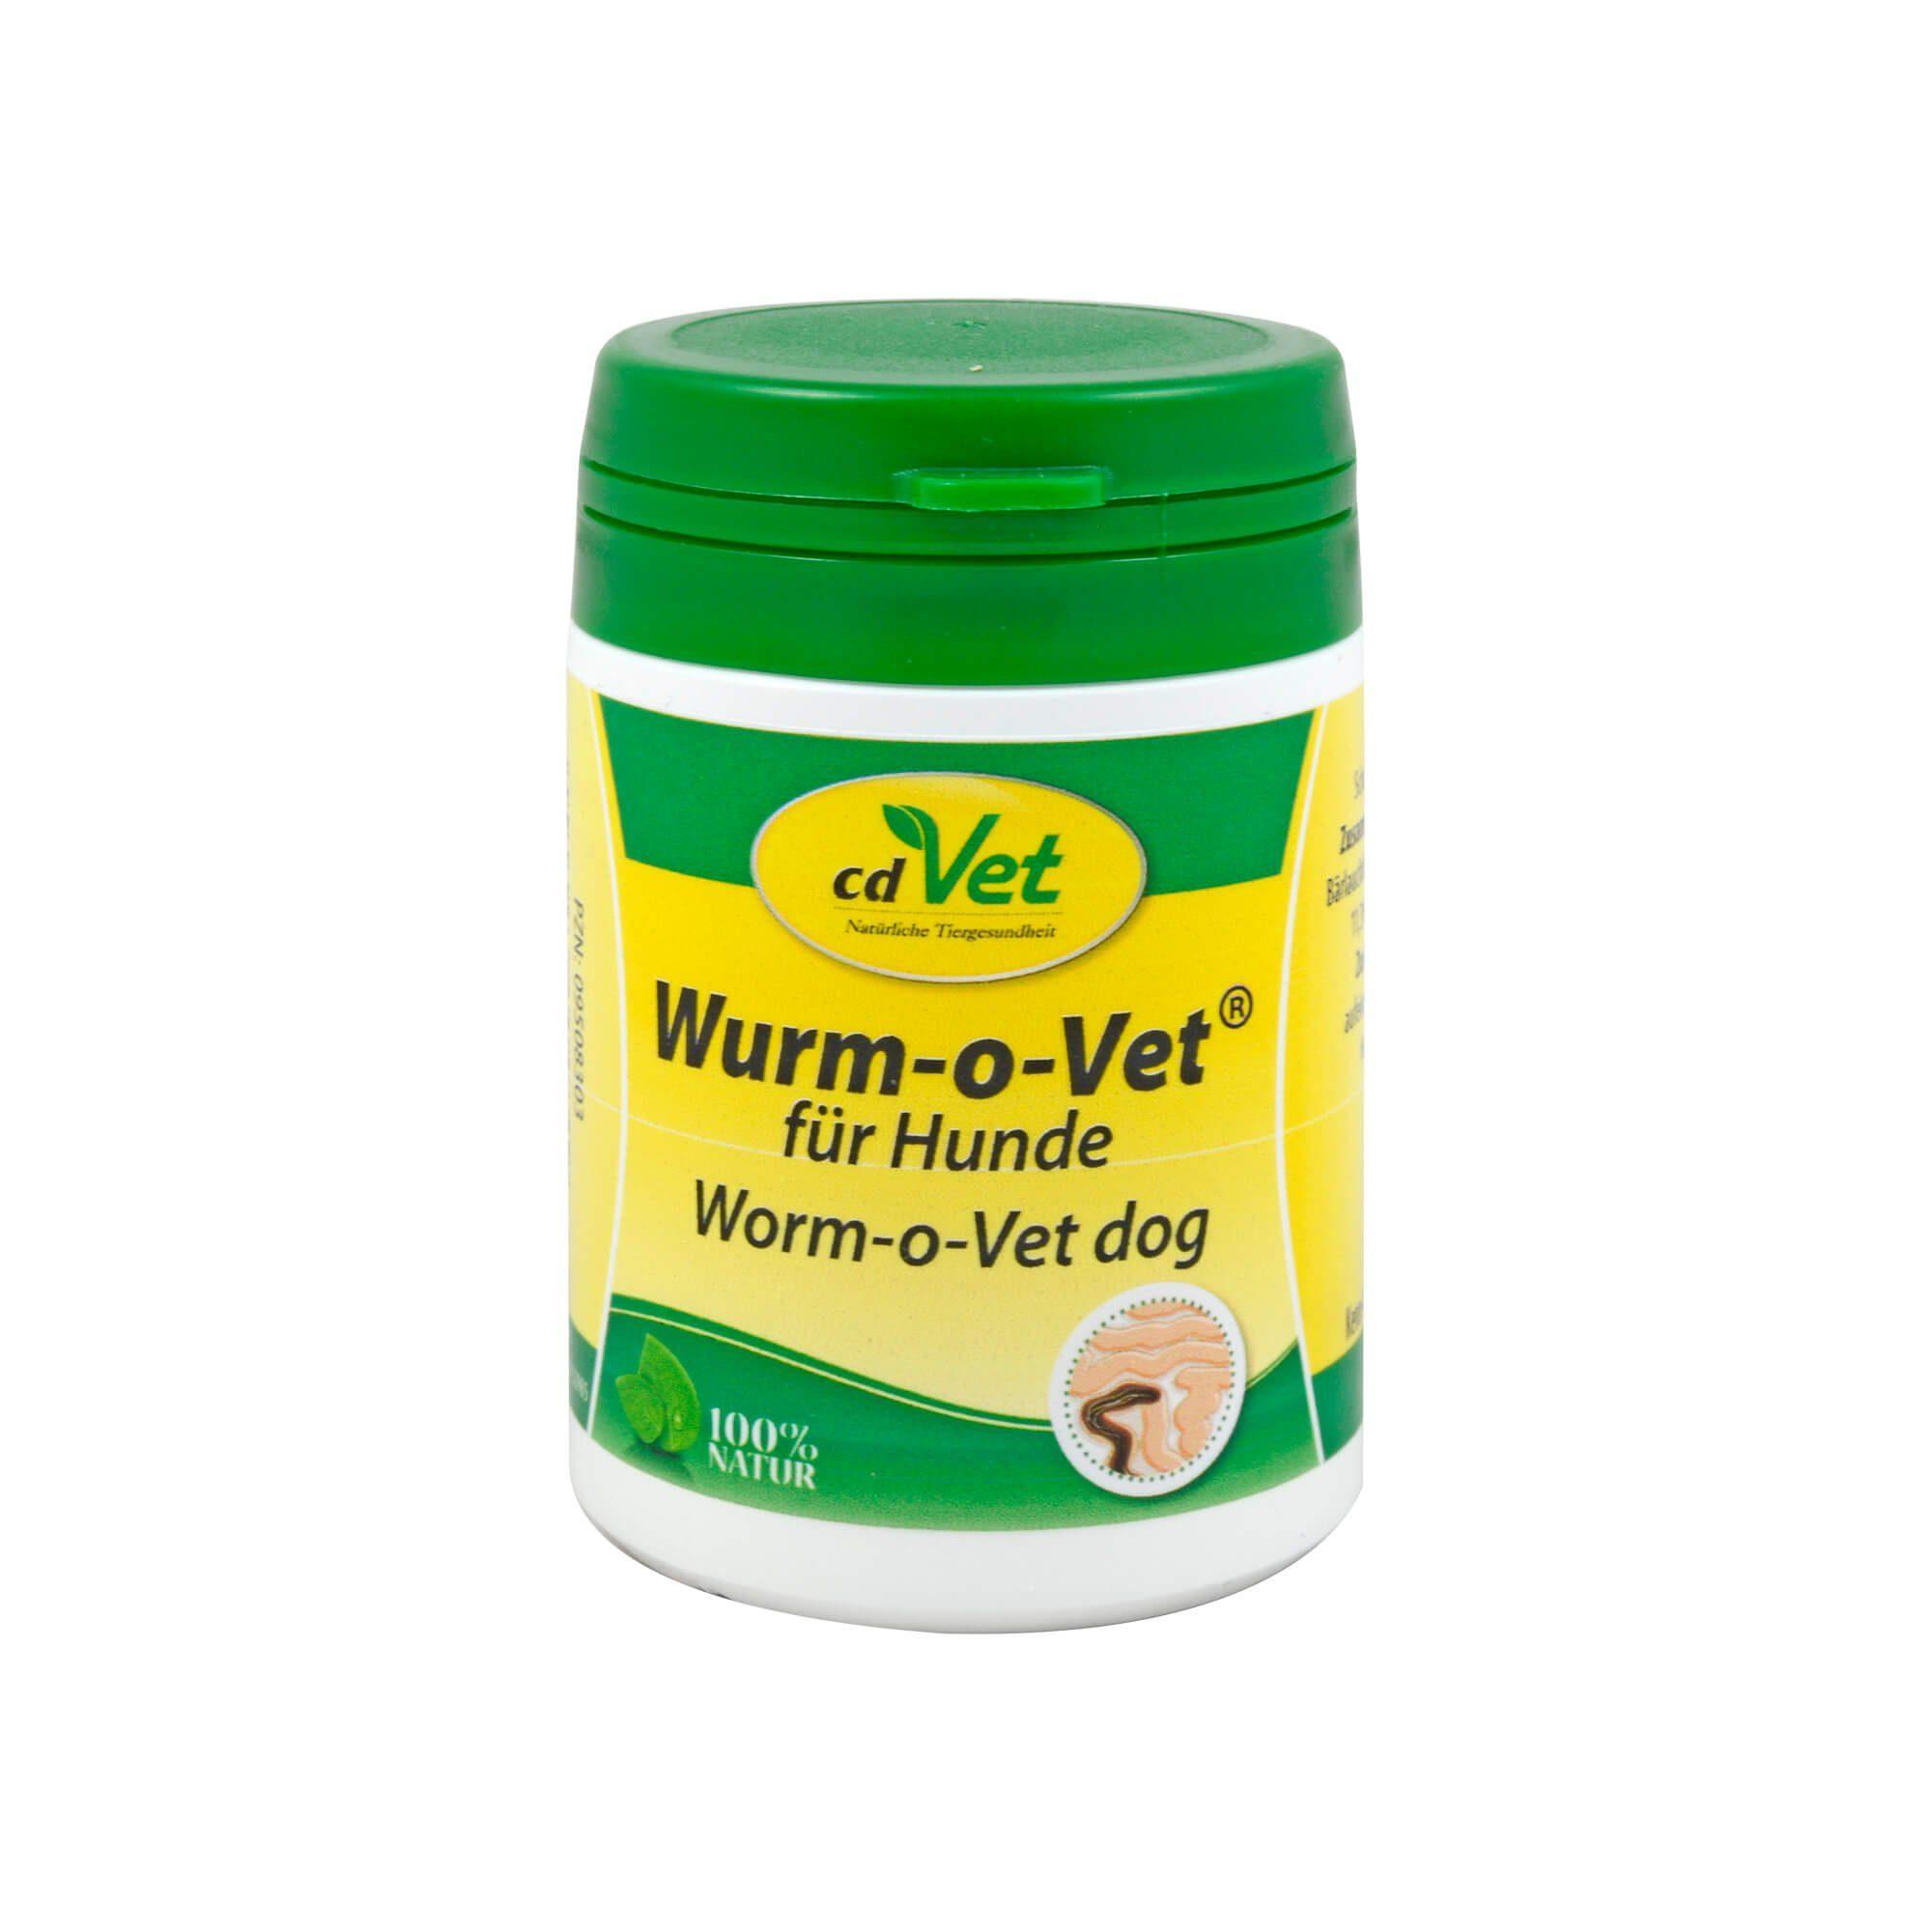 Wurm-o-Vet für Hunde , 25 g